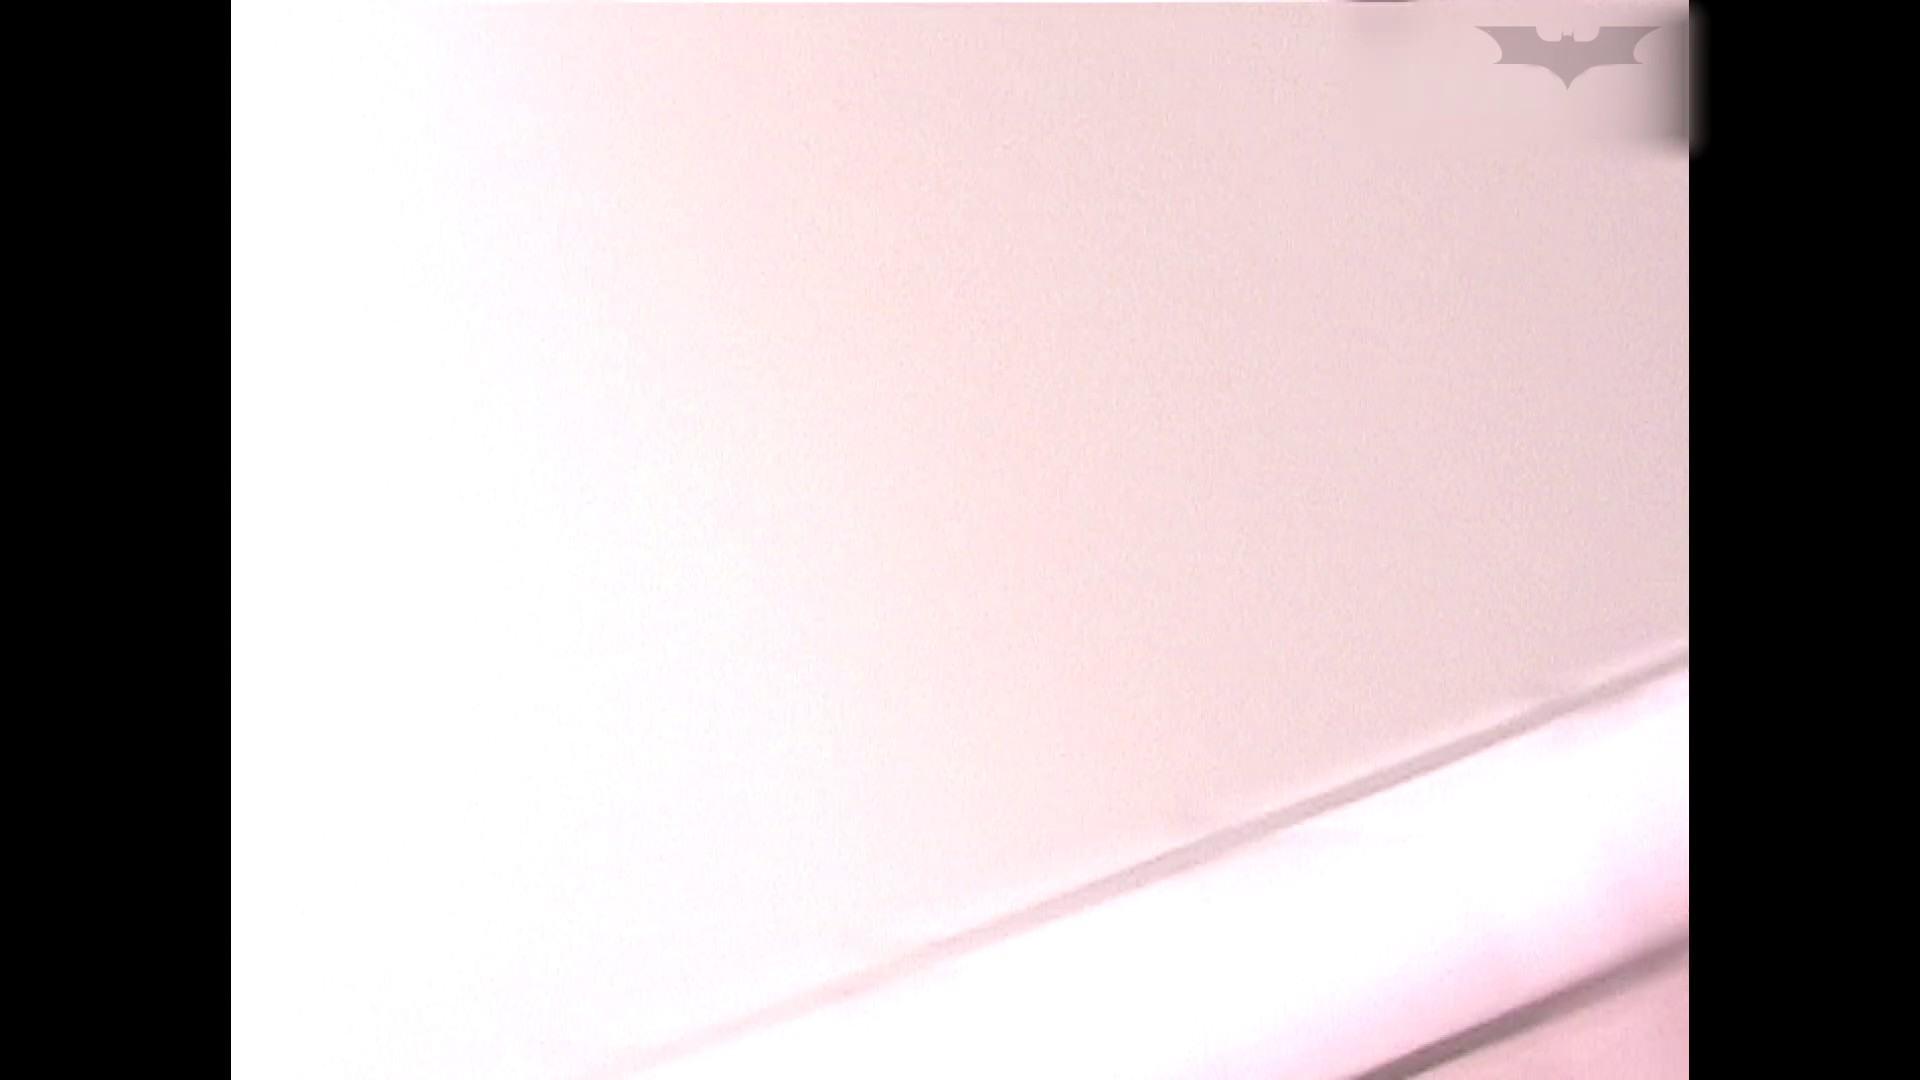 空爆和式フロント盛り合わせ! 期間限定神キタ!ツルピカの放nyo!Vol.21 和式・女子用 オマンコ無修正動画無料 108画像 54